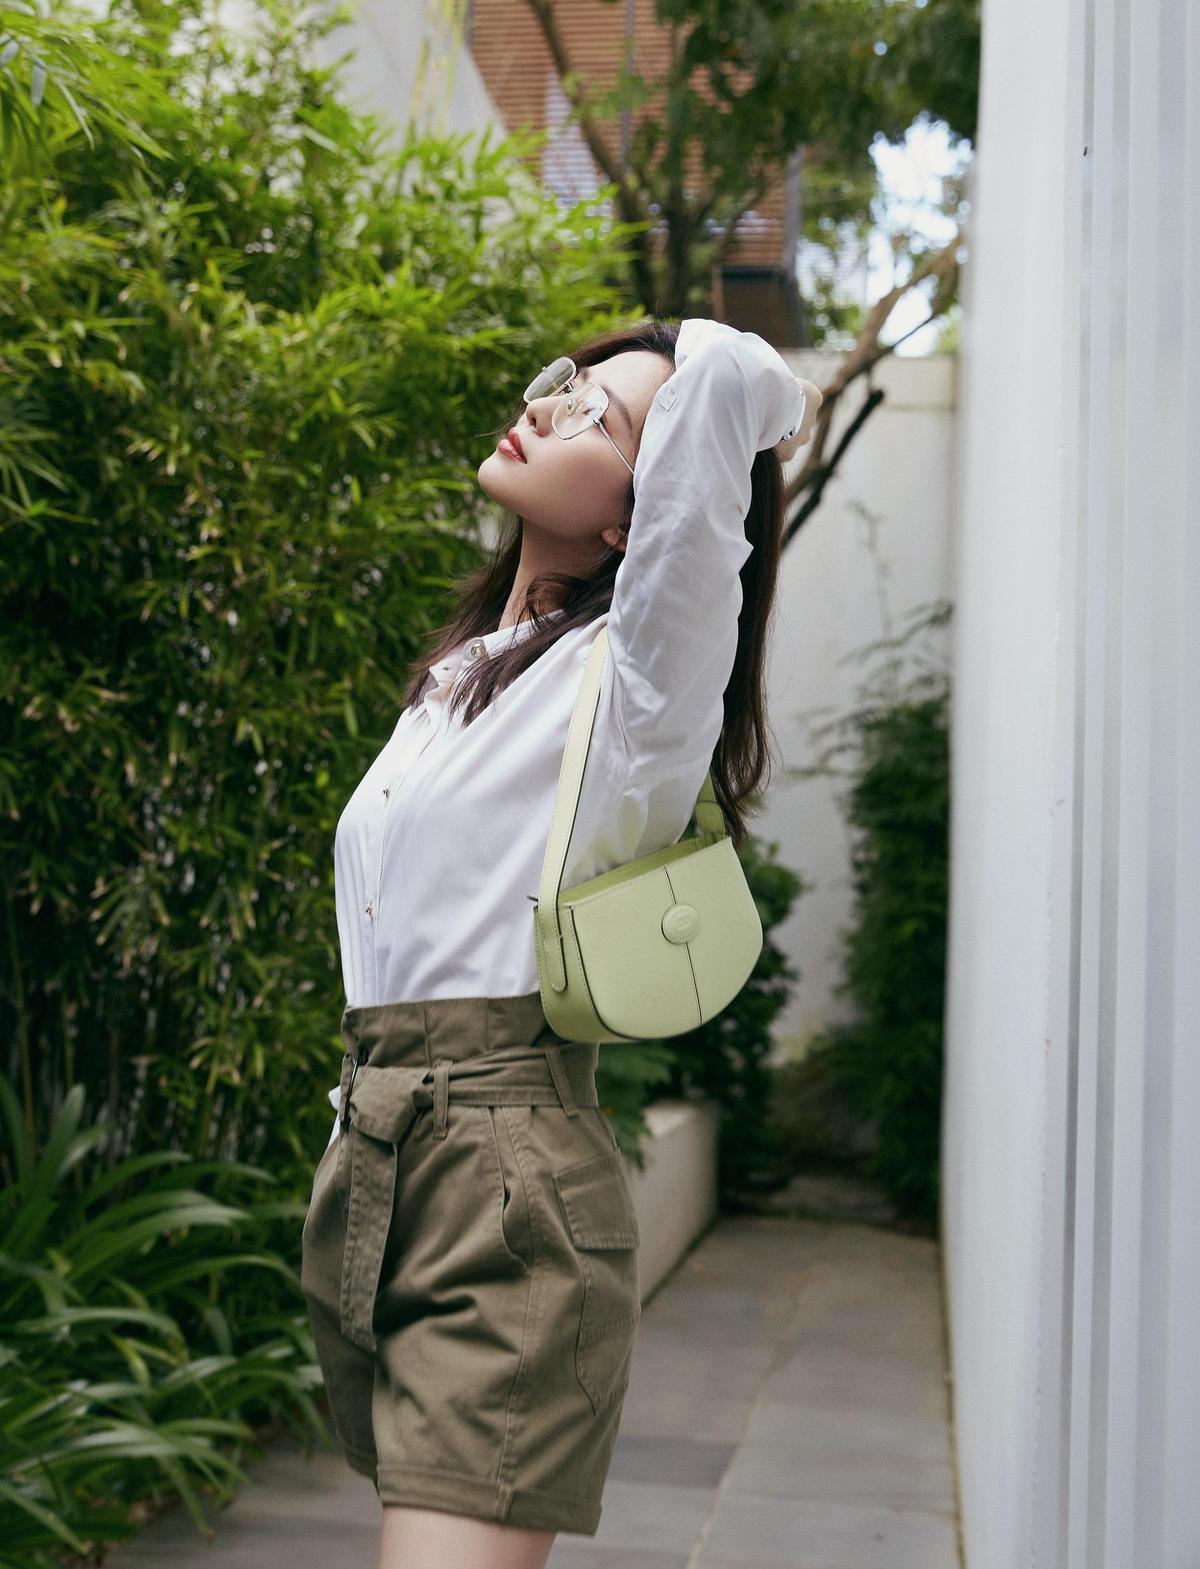 品牌大使劉詩詩知性的帥氣look與周揚青撞包,但兩人氣質不同,詮釋出的味道也完全相異。(迪生提供)